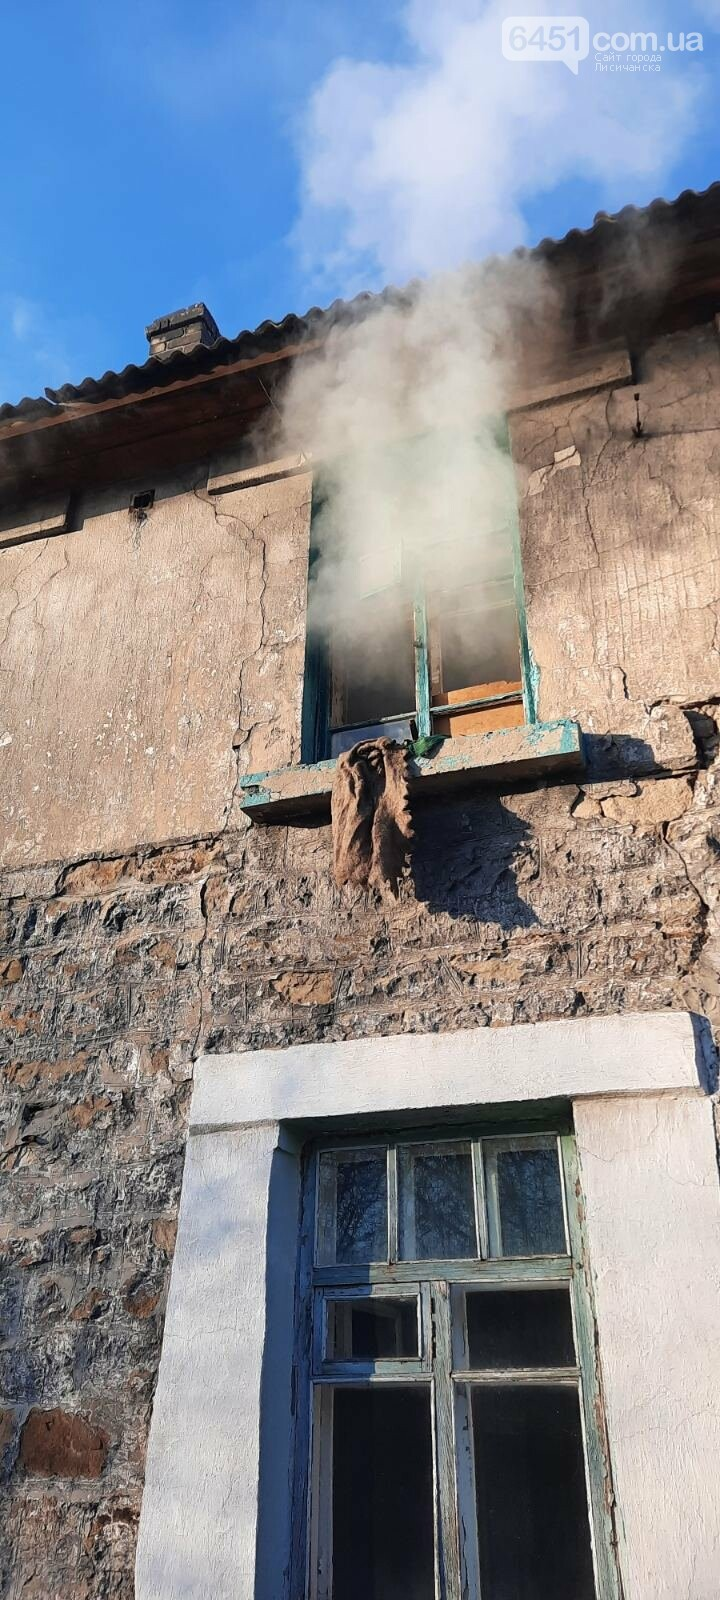 В жилых домах Лисичанска произошло два пожара, фото-3